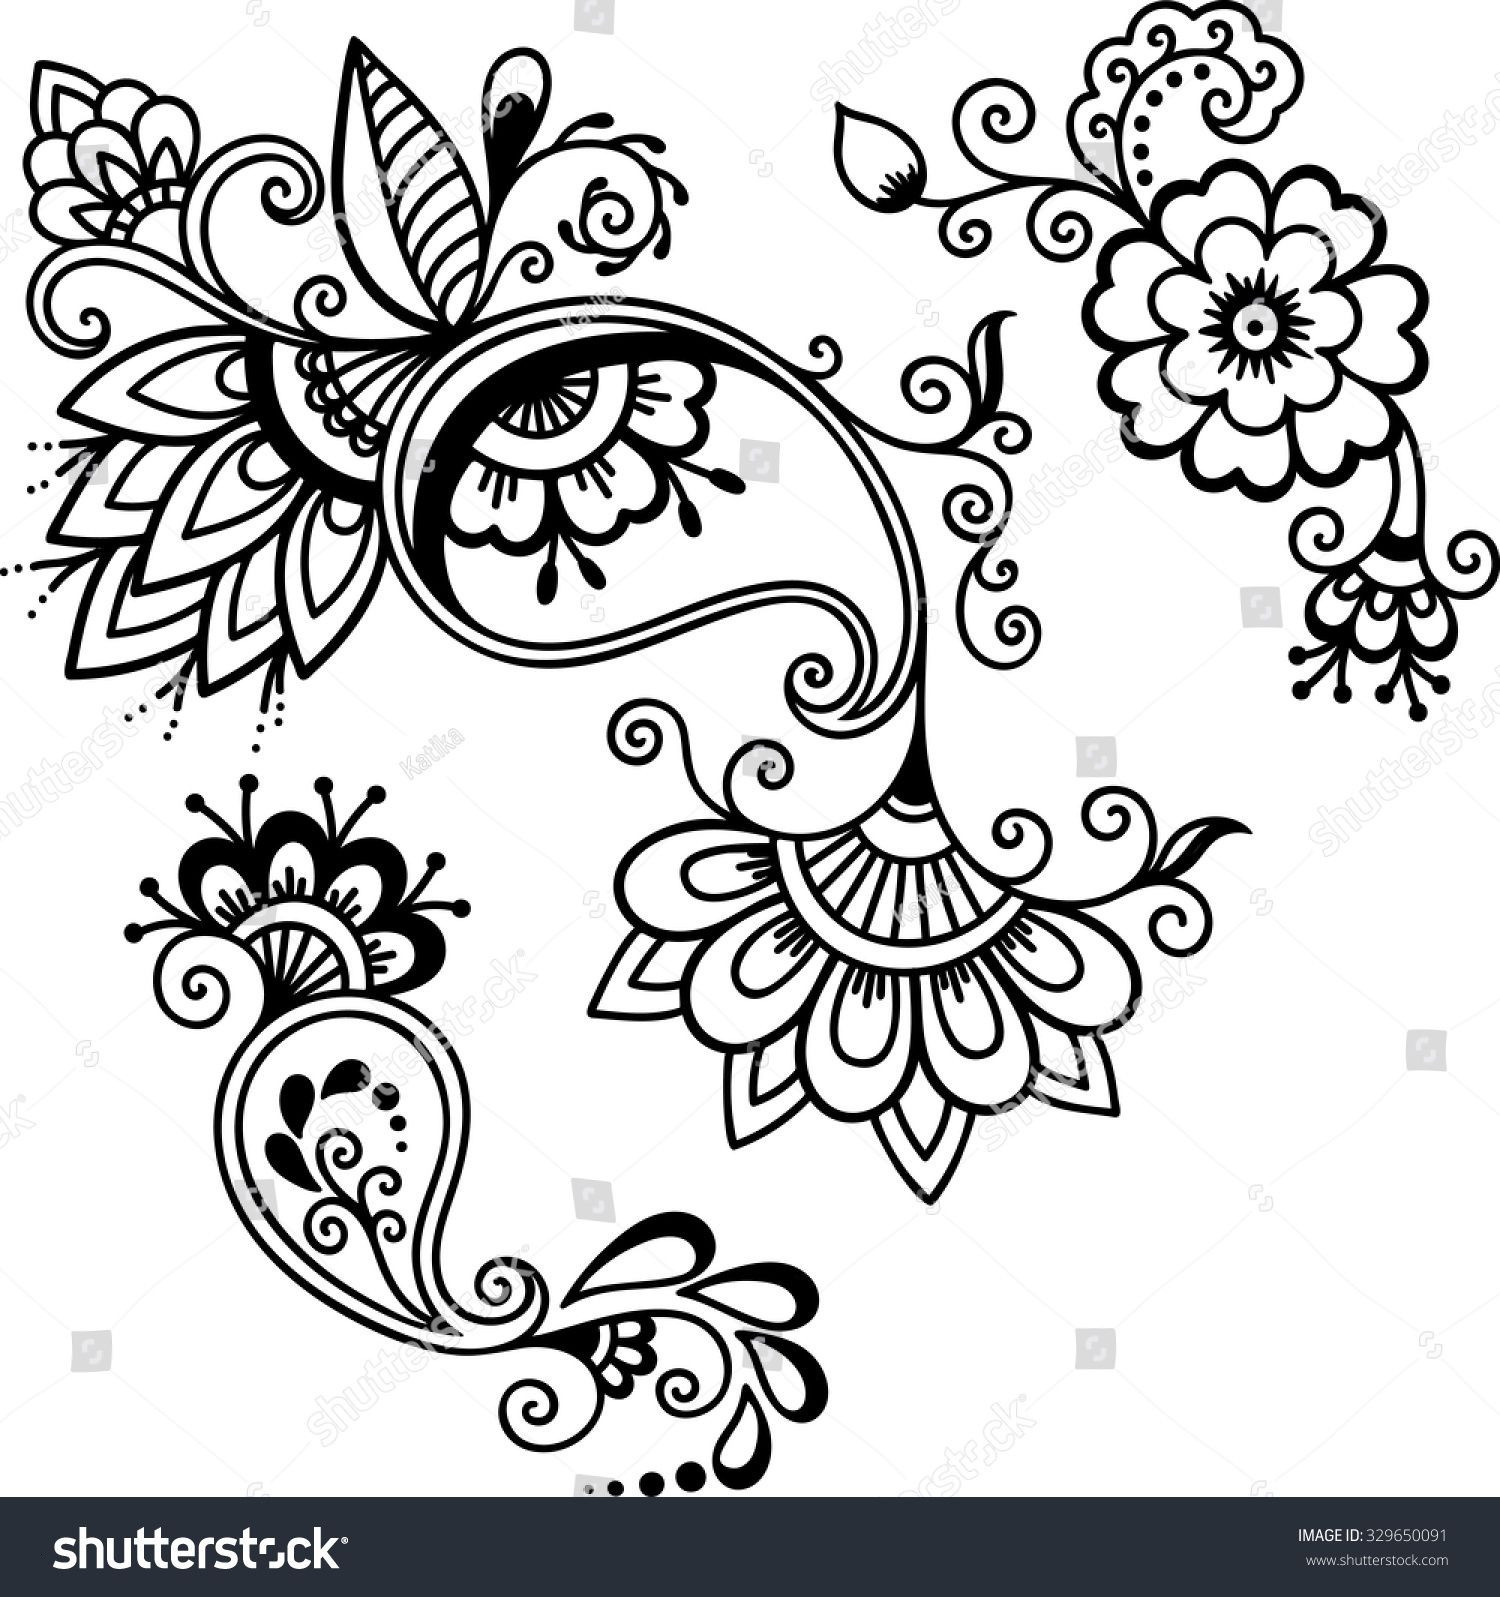 Schmetterling Mit Blume Zum Ausmalen Neu 35 Schmetterling Ausmalbilder Malvorlagen forstergallery Sammlung